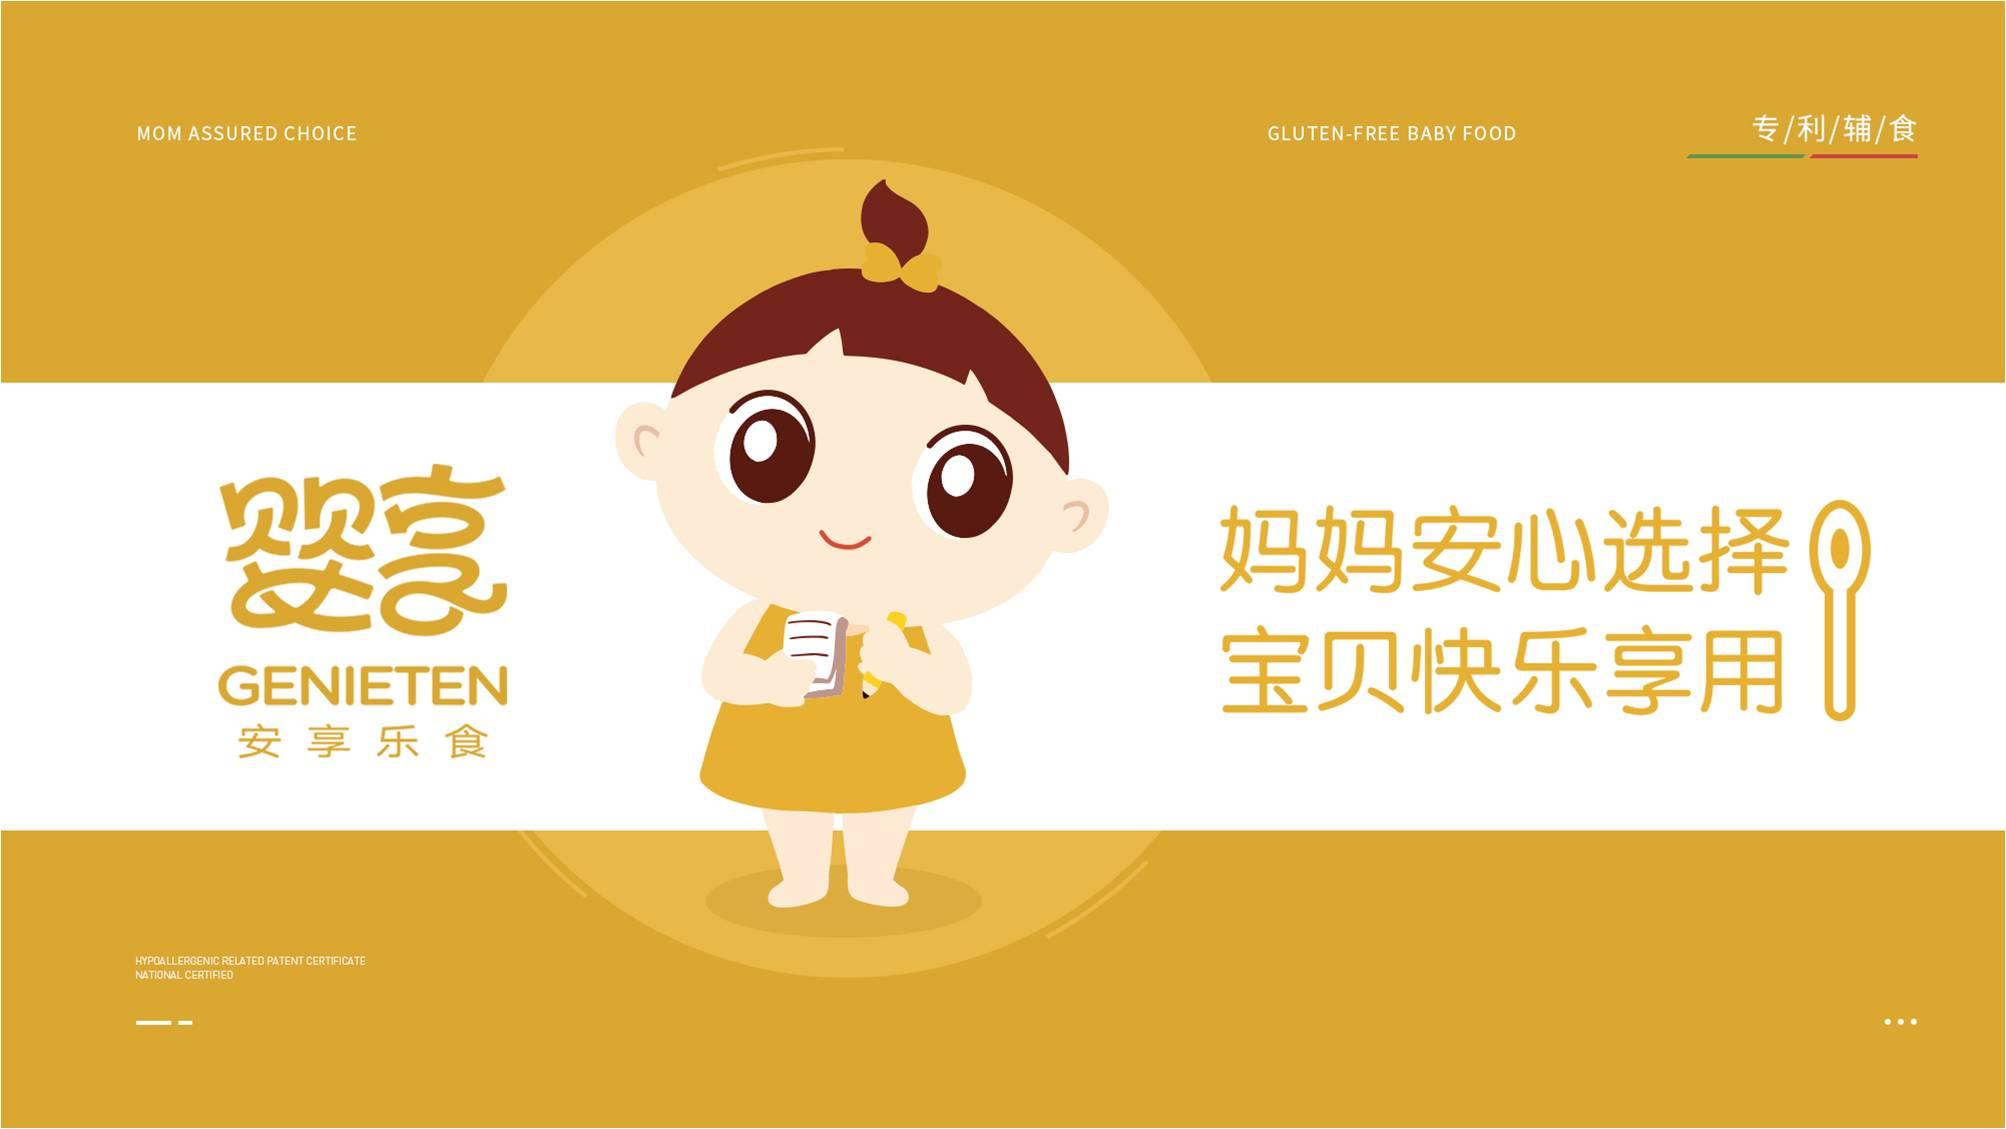 安享乐食:妈妈安心选择 宝宝快乐享用